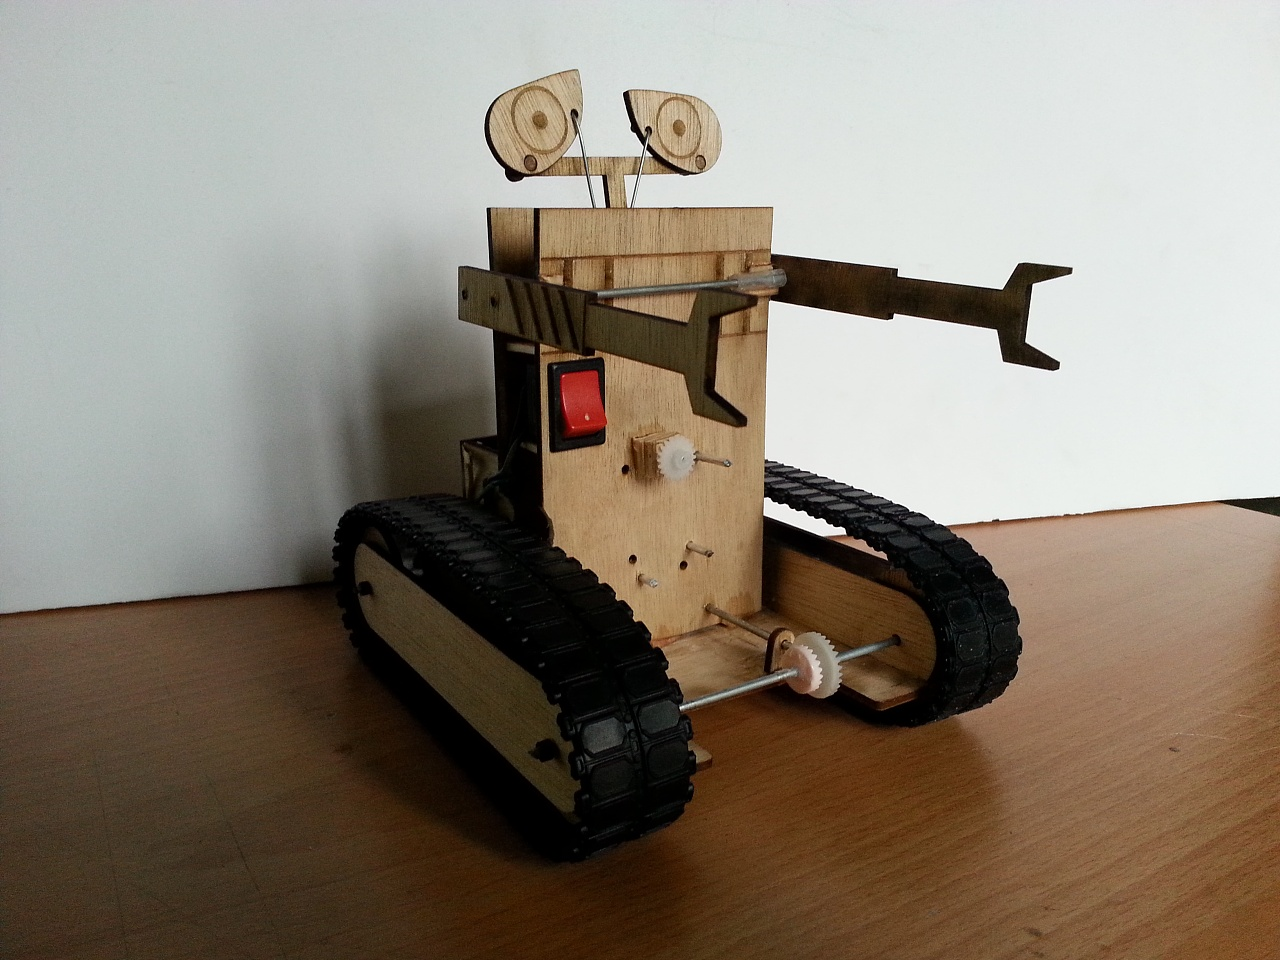 大学二年级课程作业-diy瓦力机器人